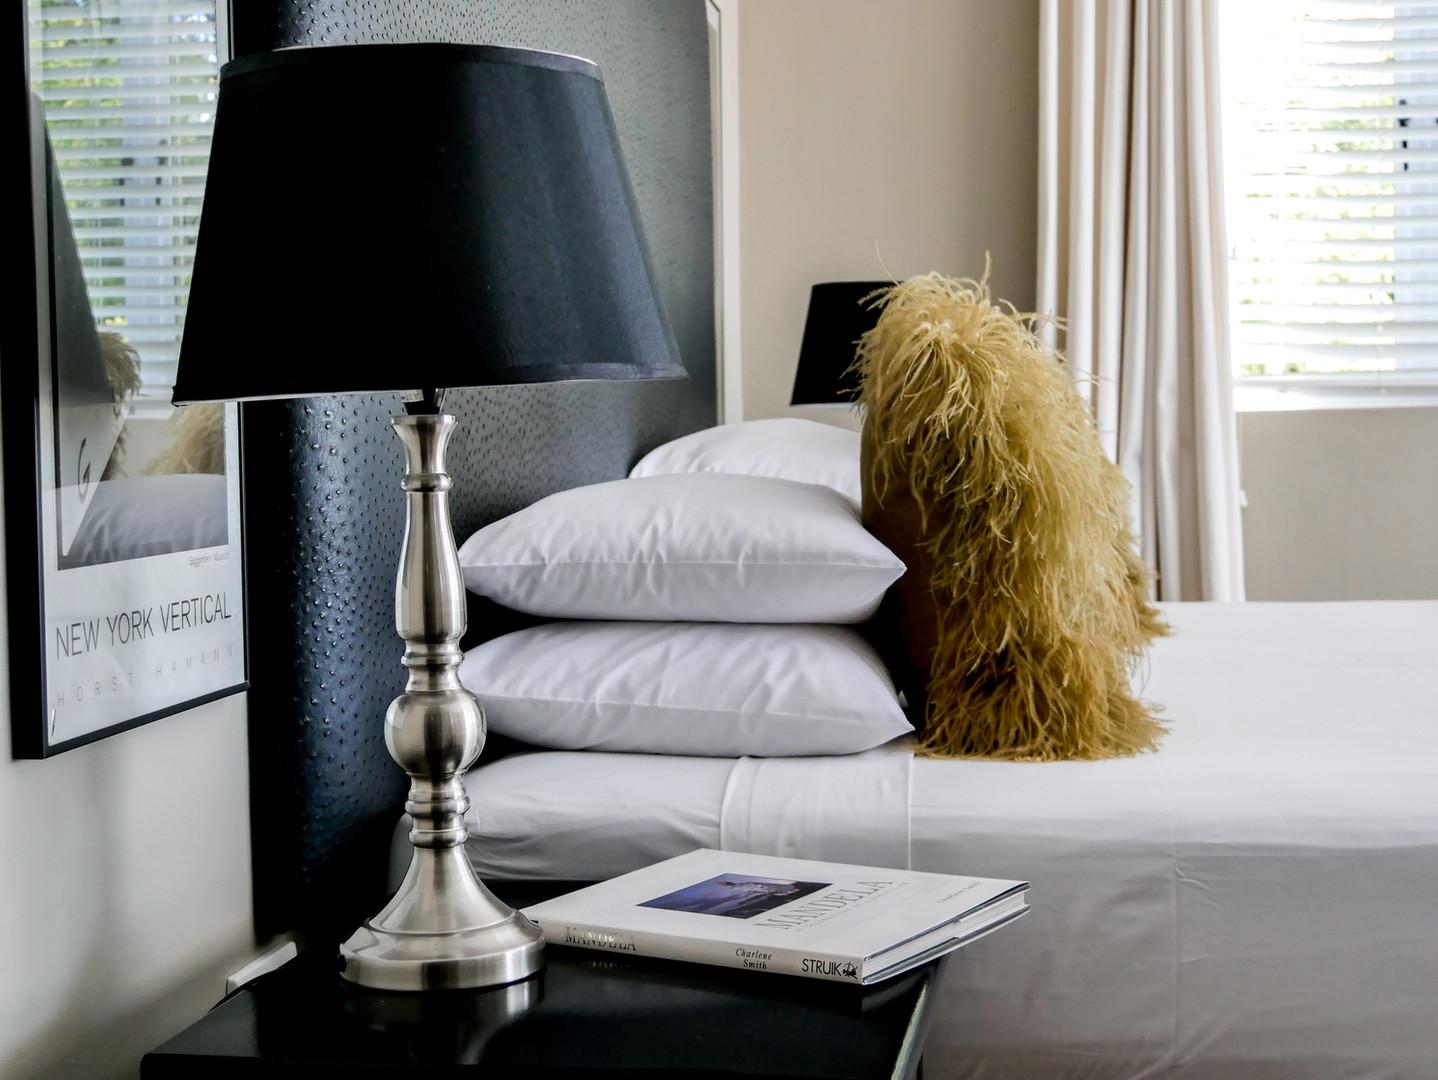 Marketing-digital-hotel-suisse.jpg